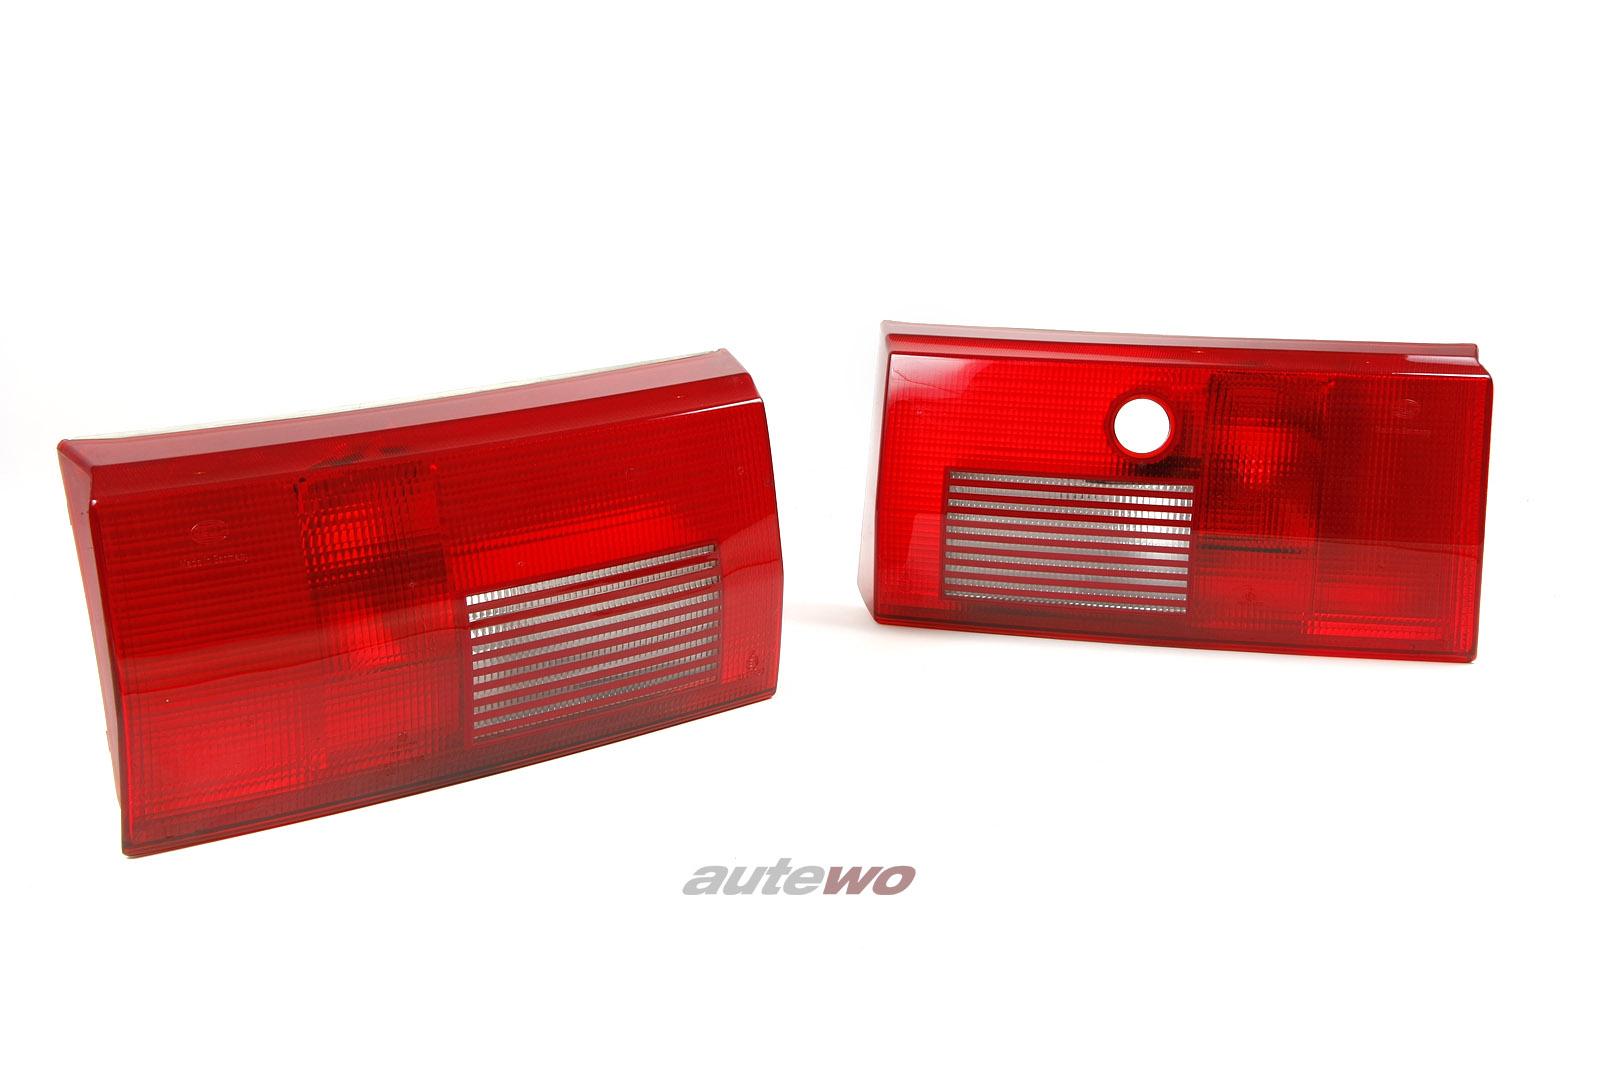 893945093C/893945094D Audi 80/90 Typ 89/B4 US-Rückleuchten